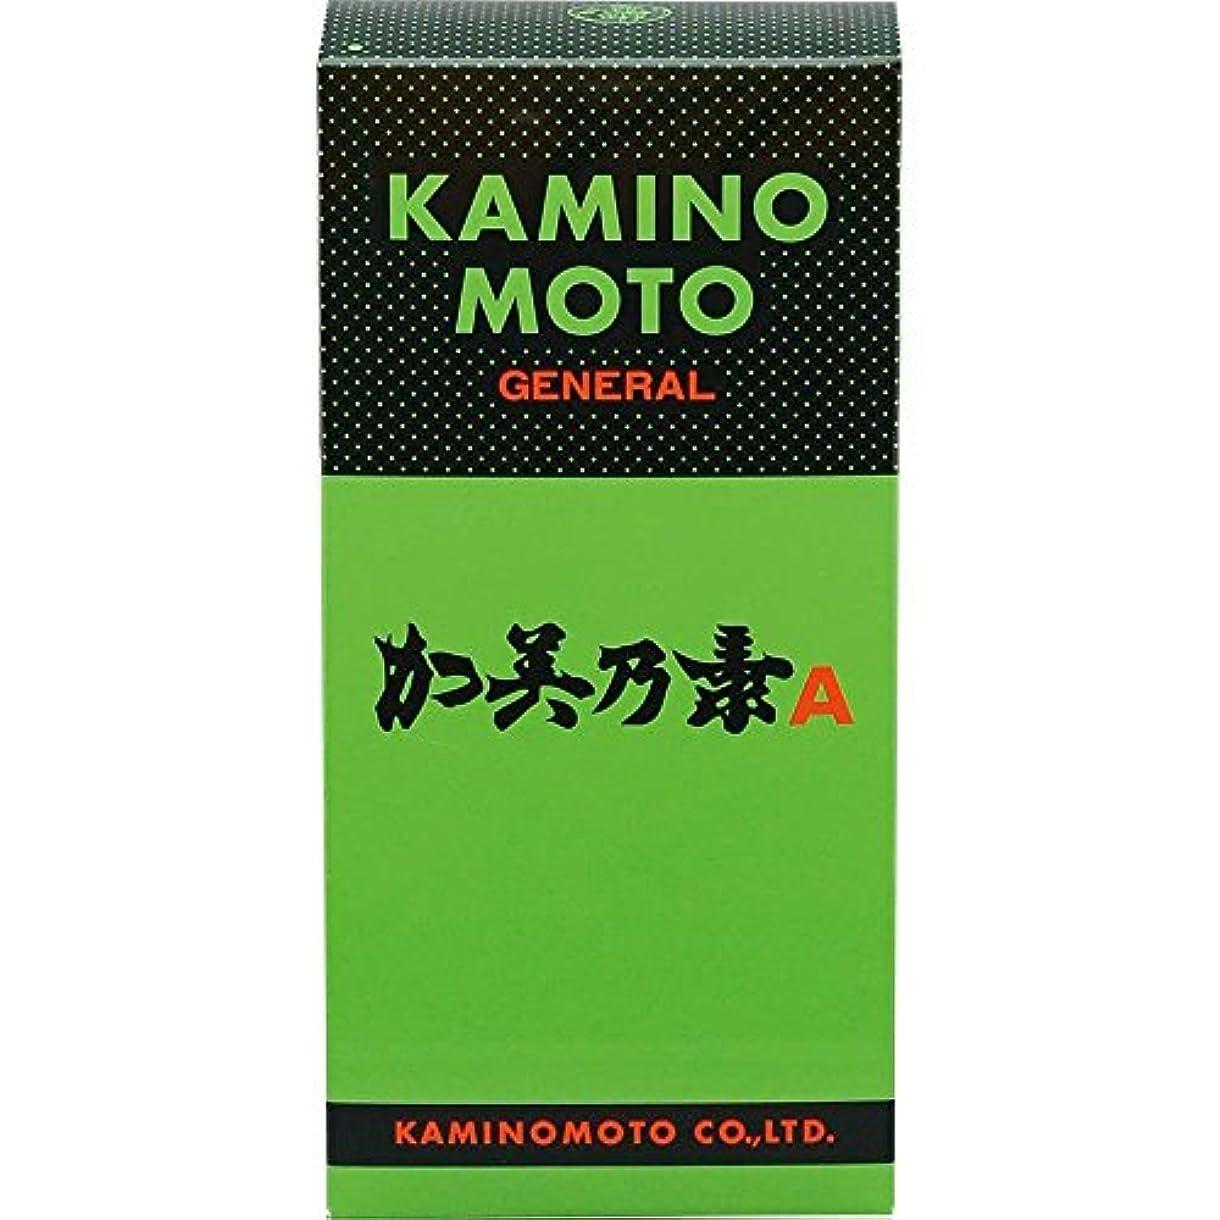 逆に成功した量で加美乃素A 200ml ジャスミン調の香り×6個